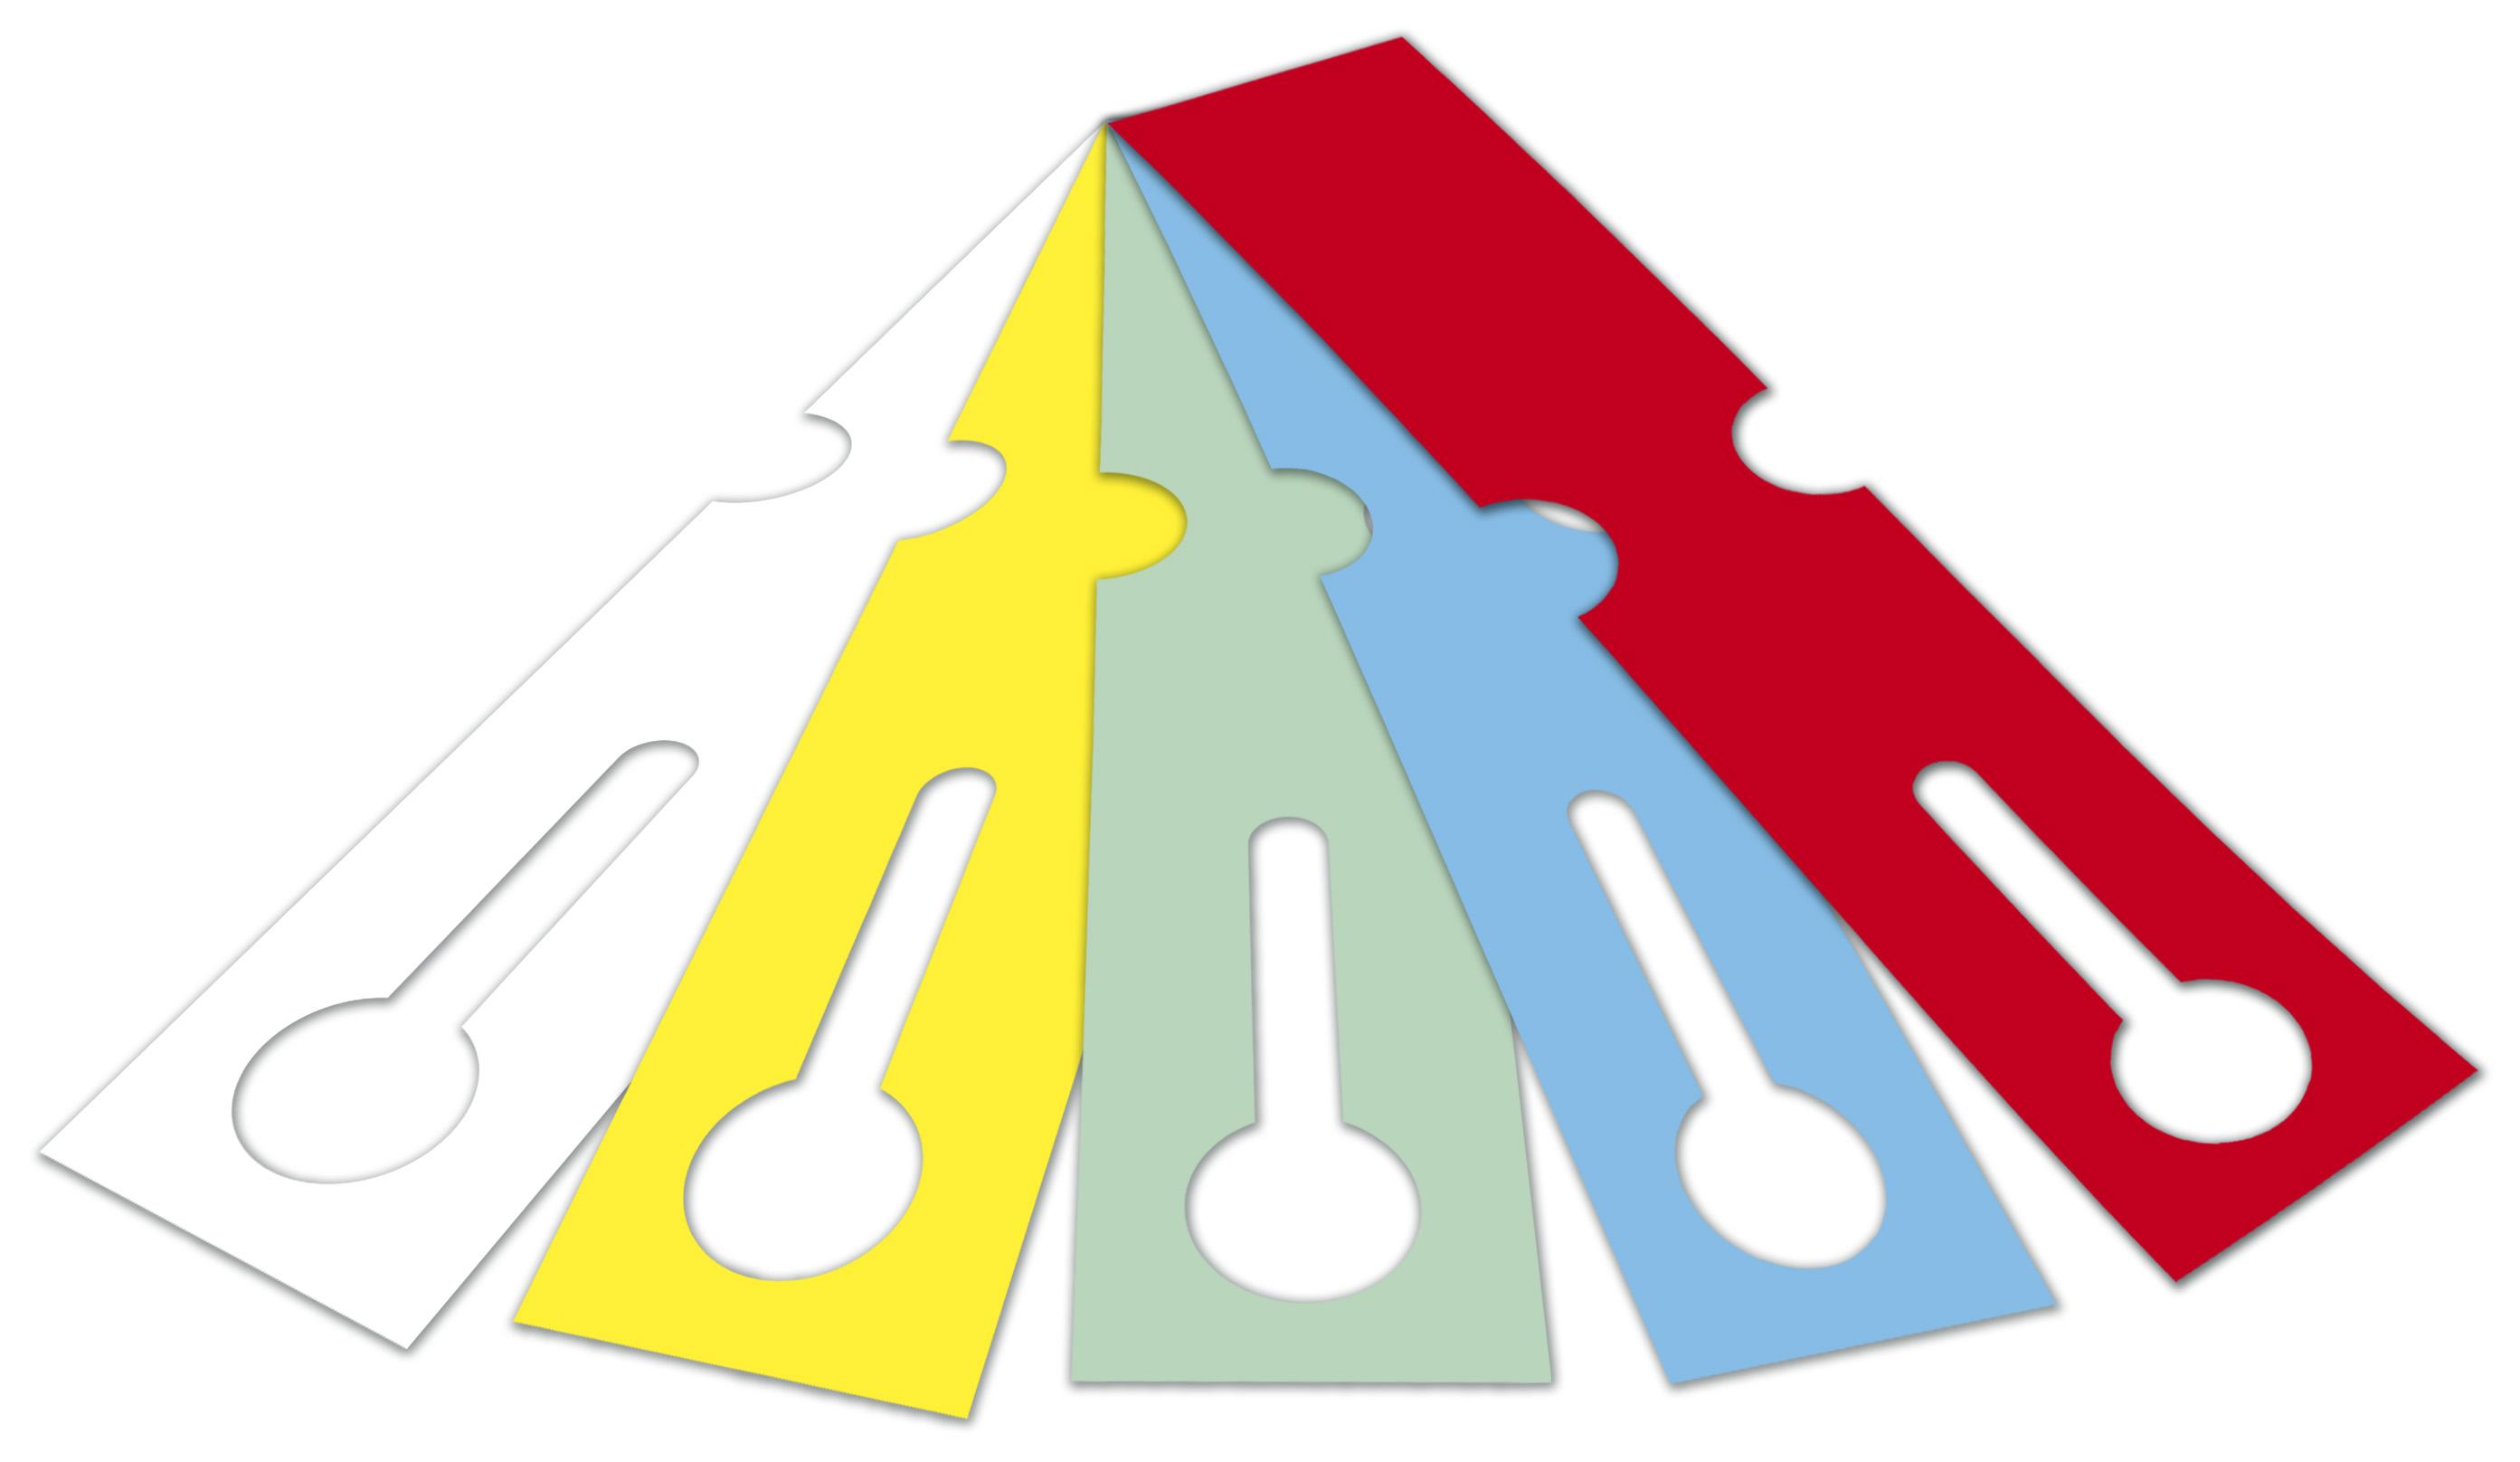 Schlaufenetiketten aus HDPE 150 µ,  59,00 mm x 273,50 mm, ohne Kleber, 76 mm Kern, 500 Etiketten je Rolle, gestanzt, lebensmittelecht